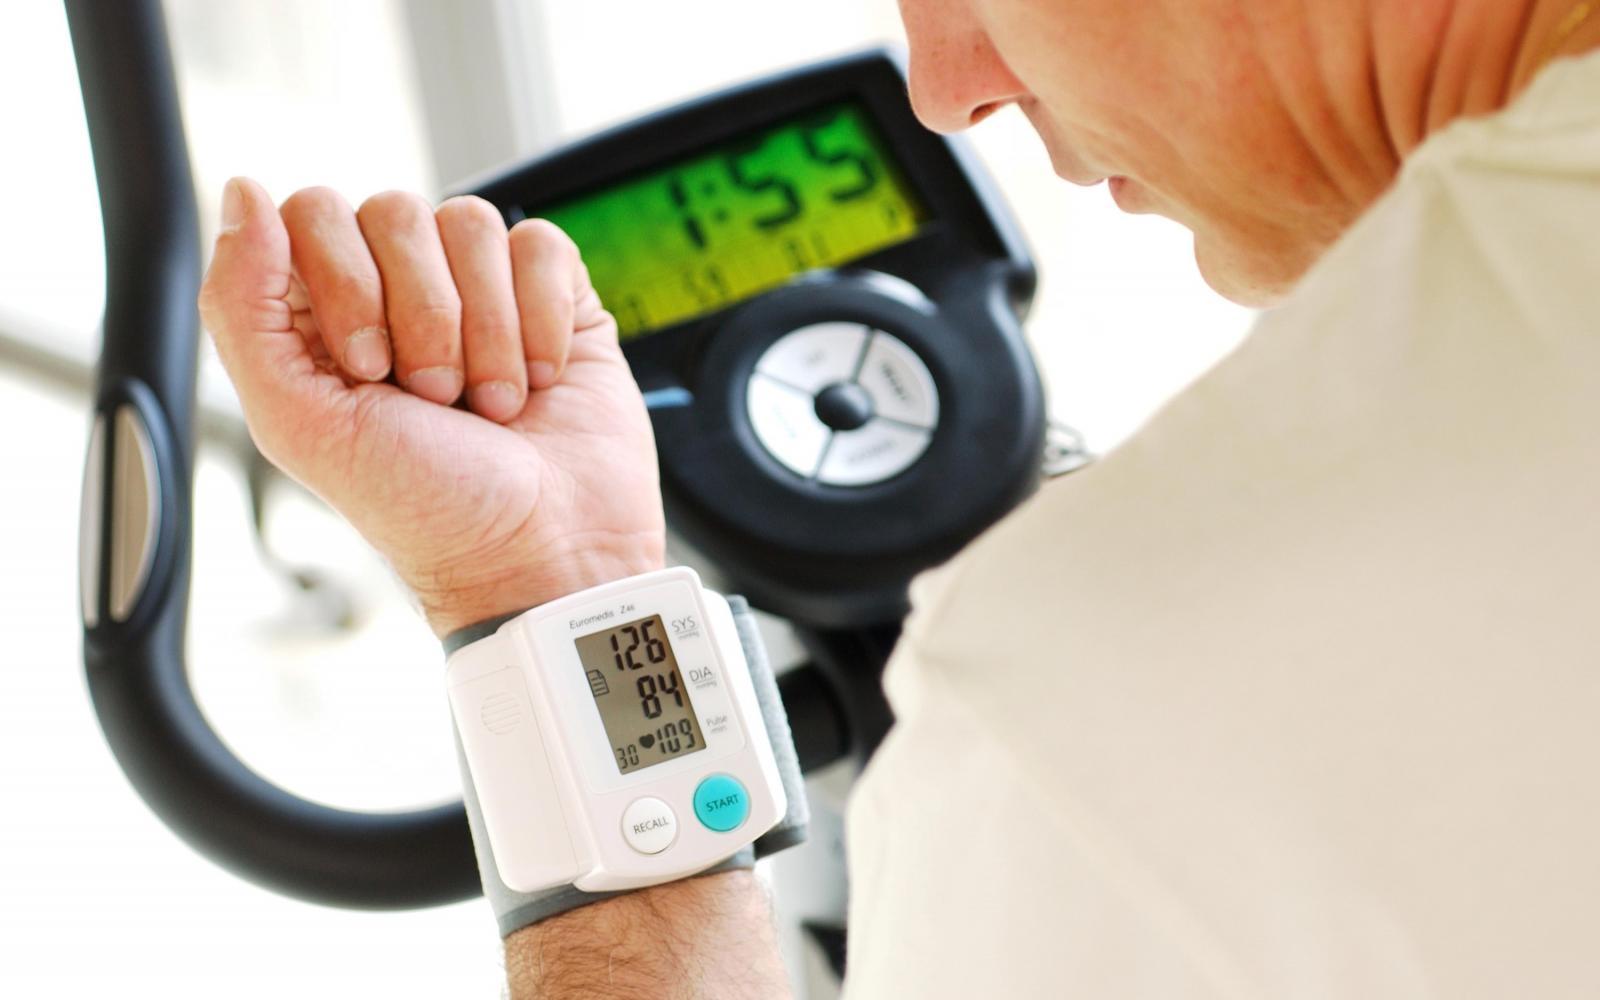 gyermekek magas vérnyomásával járó sürgősségi ellátás